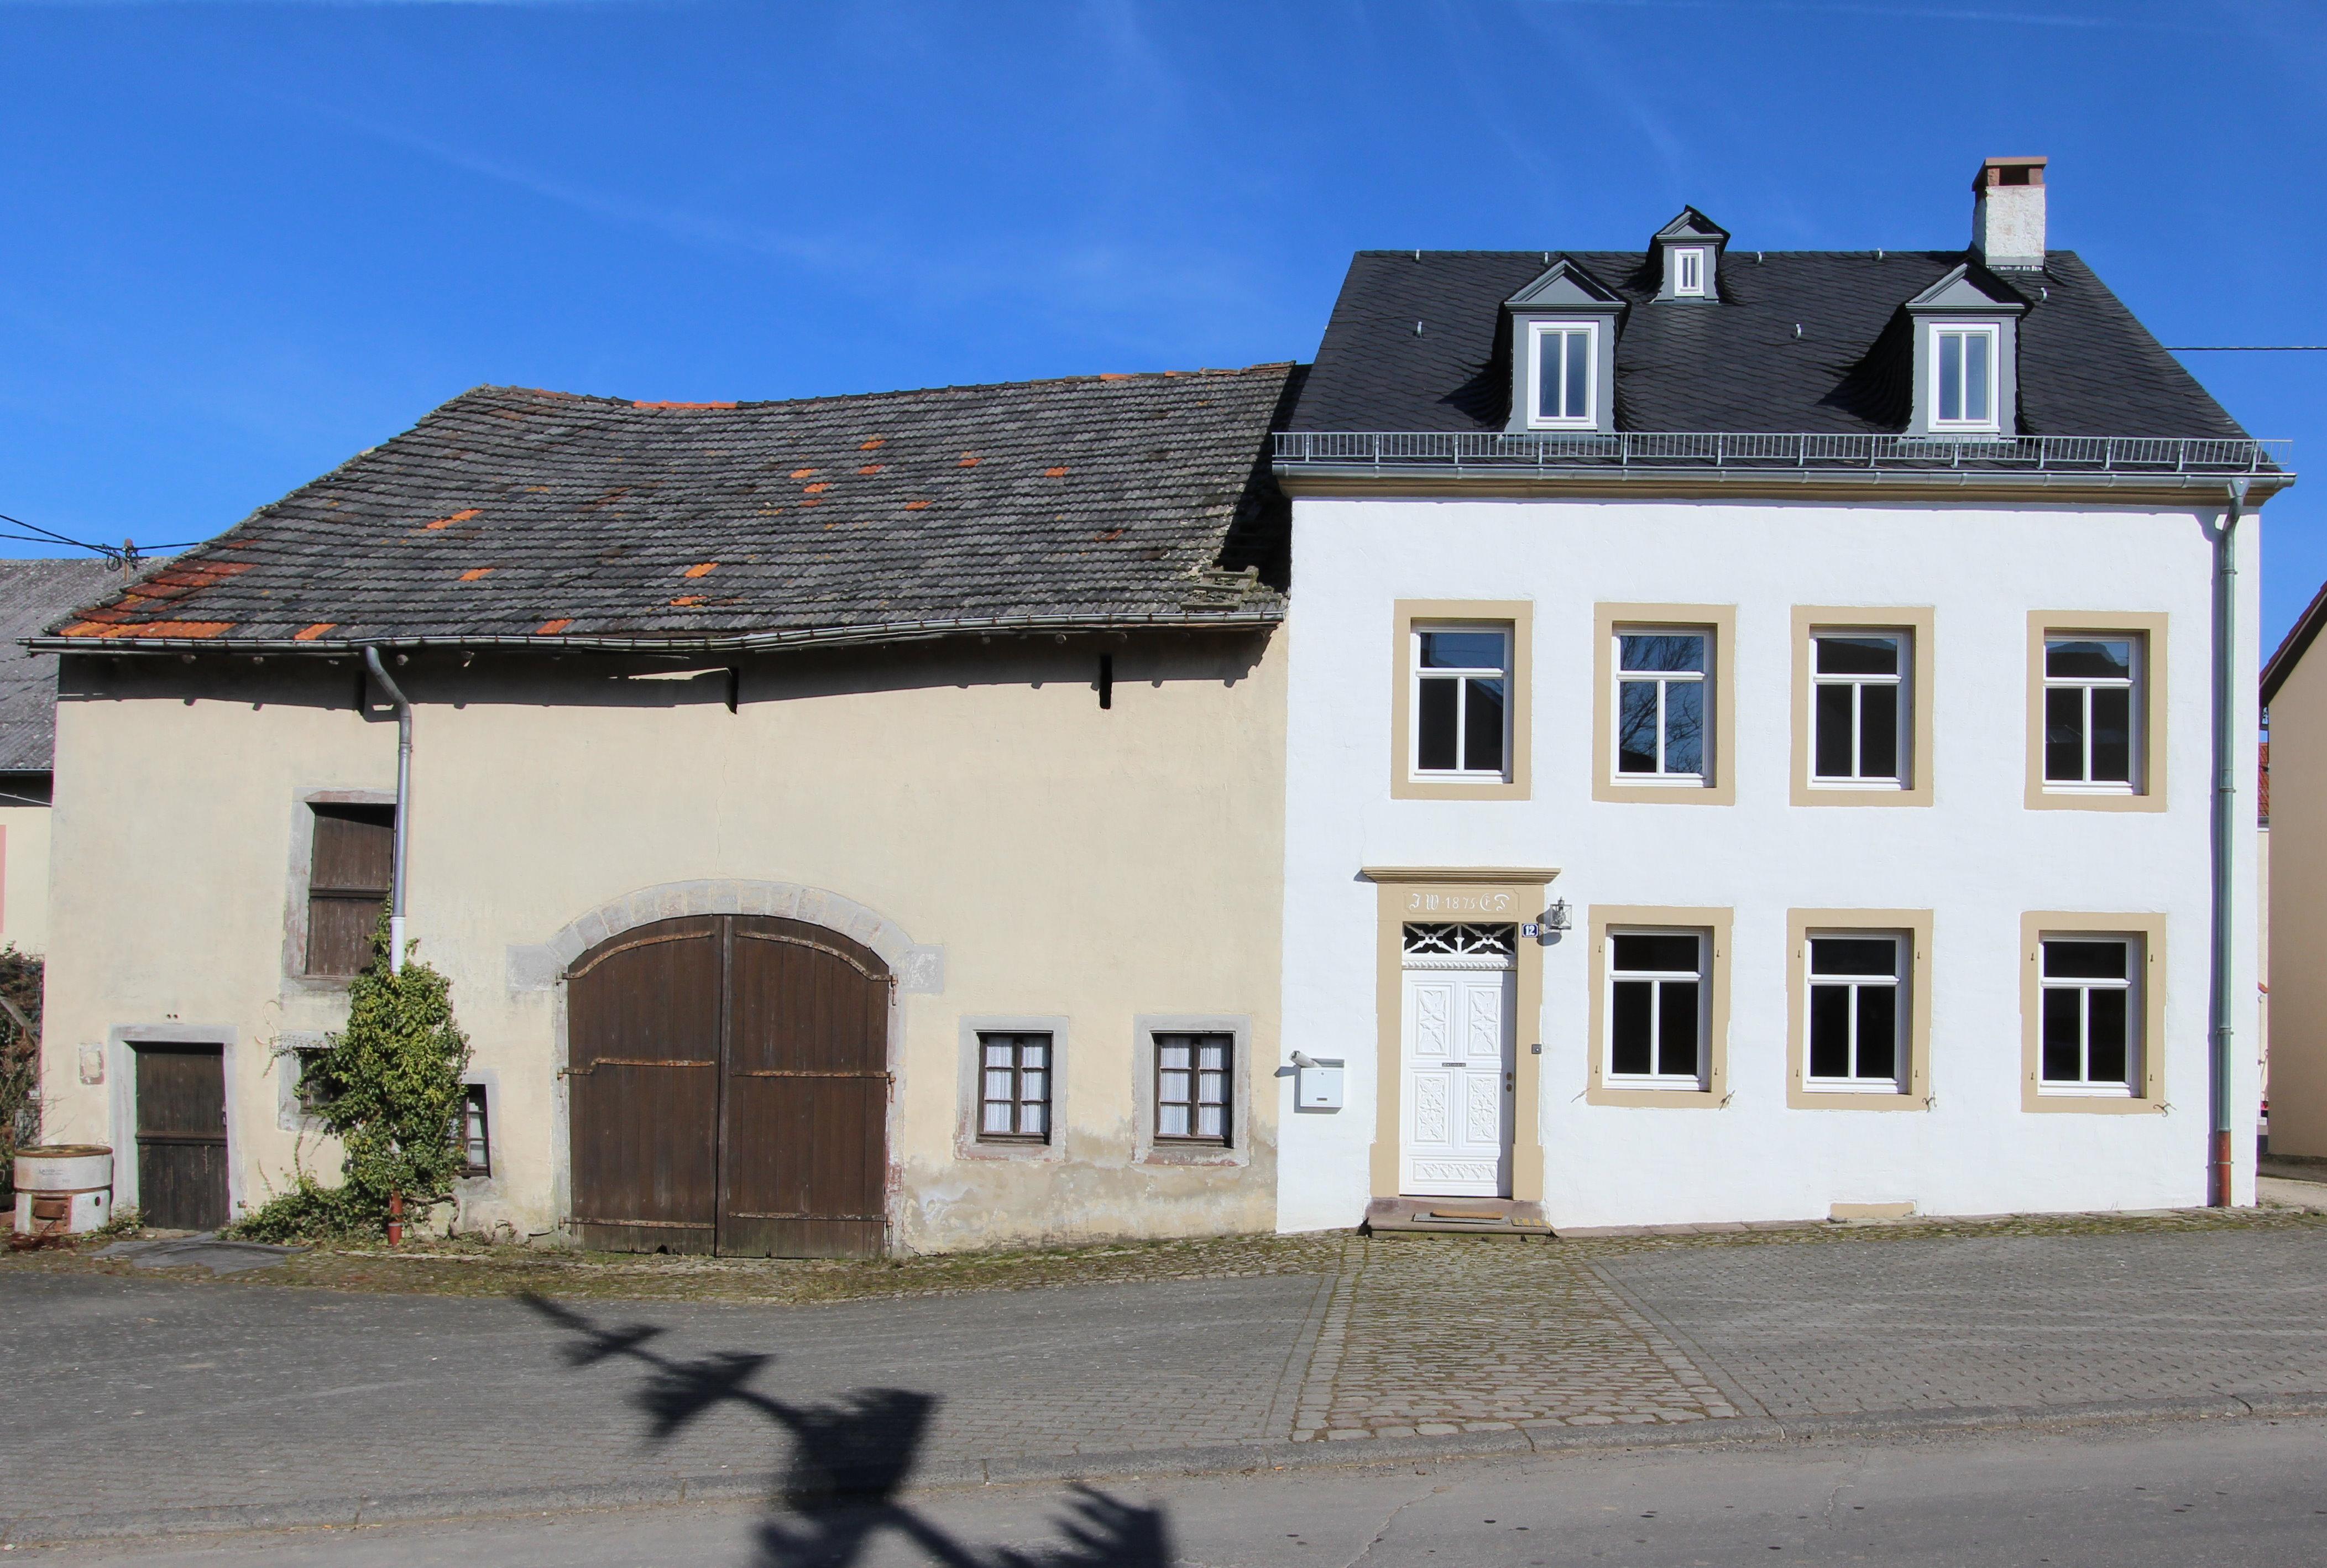 liesenberg bettingen foundation